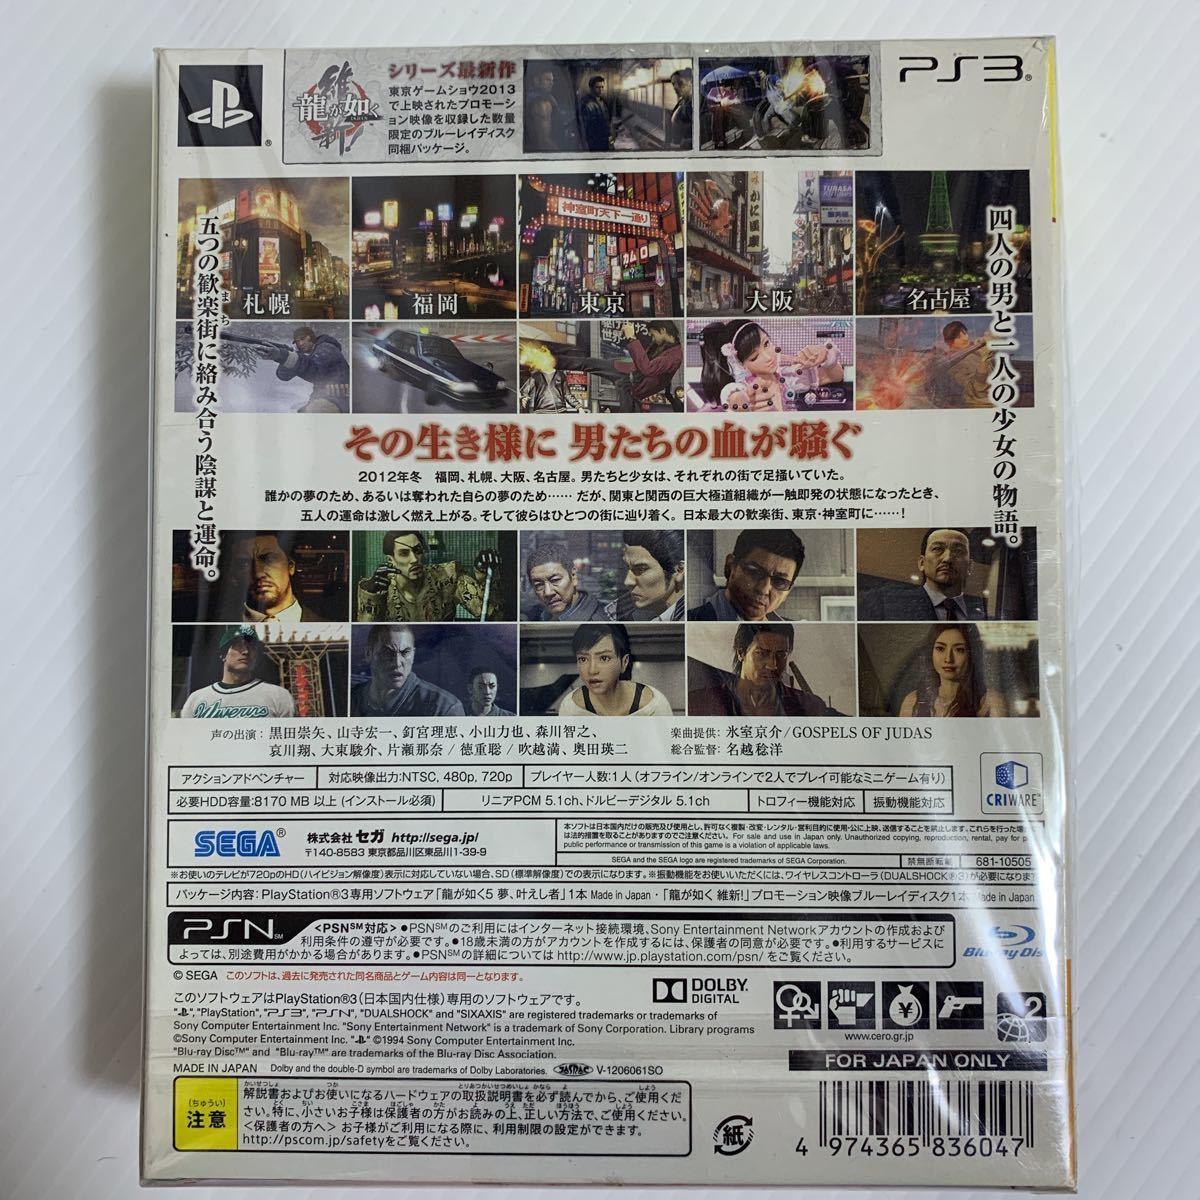 ■新品 ■龍が如く5 夢、叶えし者 PlayStation3 the Best 数量限定版 プロモーション映像ブルーレイ同梱_画像3